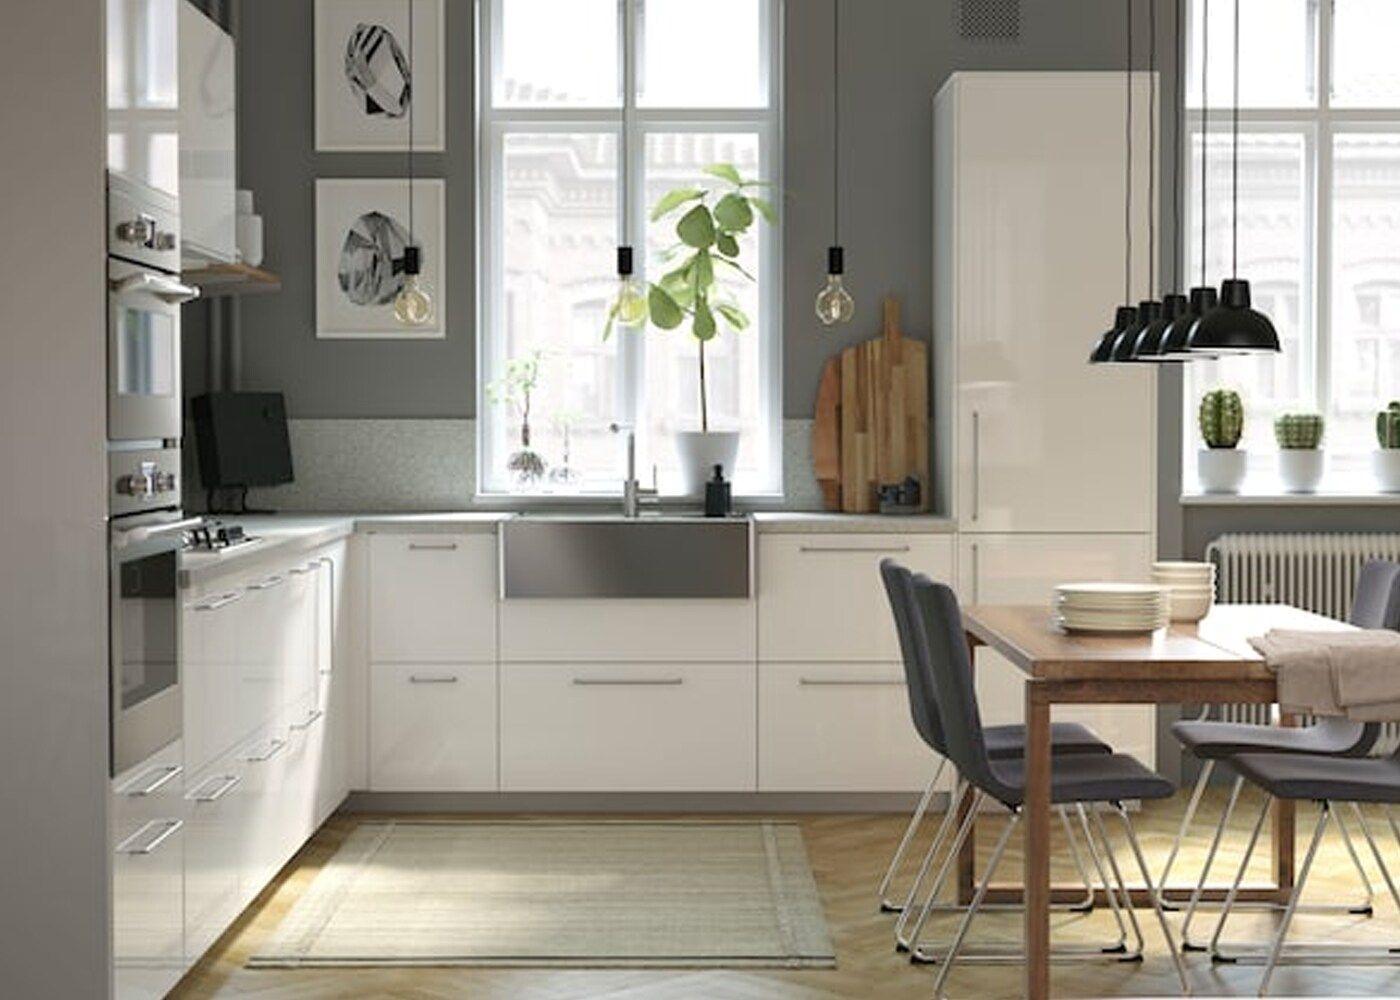 Eine Helle Luftige Und Moderne Kuche Mit Holzdetails In 2020 Moderne Kuche Kuchen Mobel Und Kuchendesign